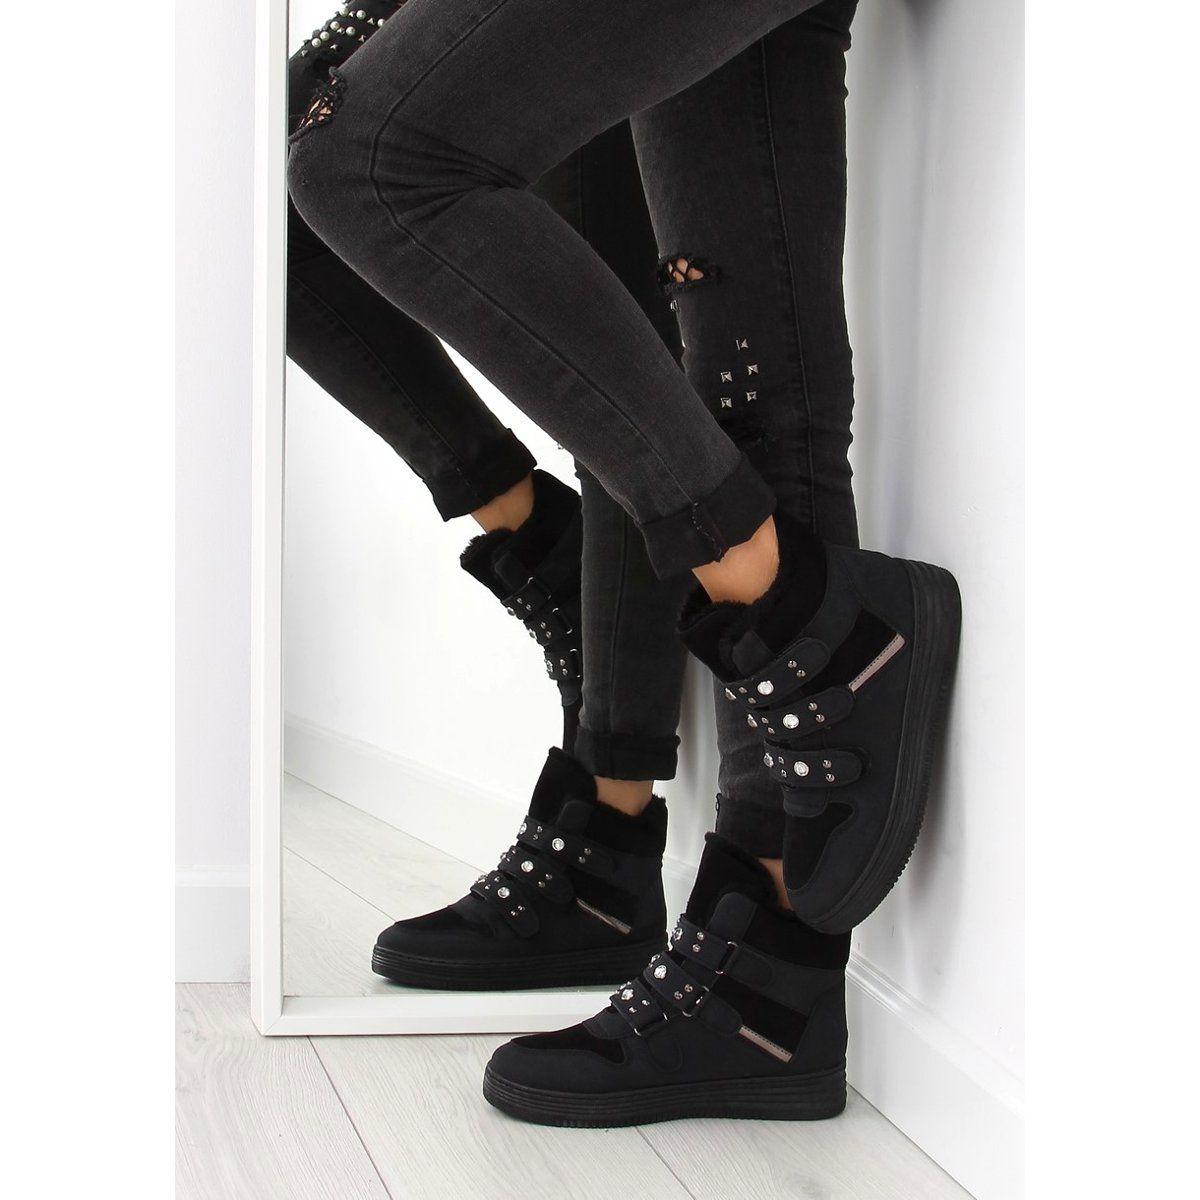 Tenisowki Damskie Obuwiedamskie Ocieplane Trampki Za Kostke Czarne Zjy 29 Obuwie Damskie Black Jeans All Black Sneakers Fashion